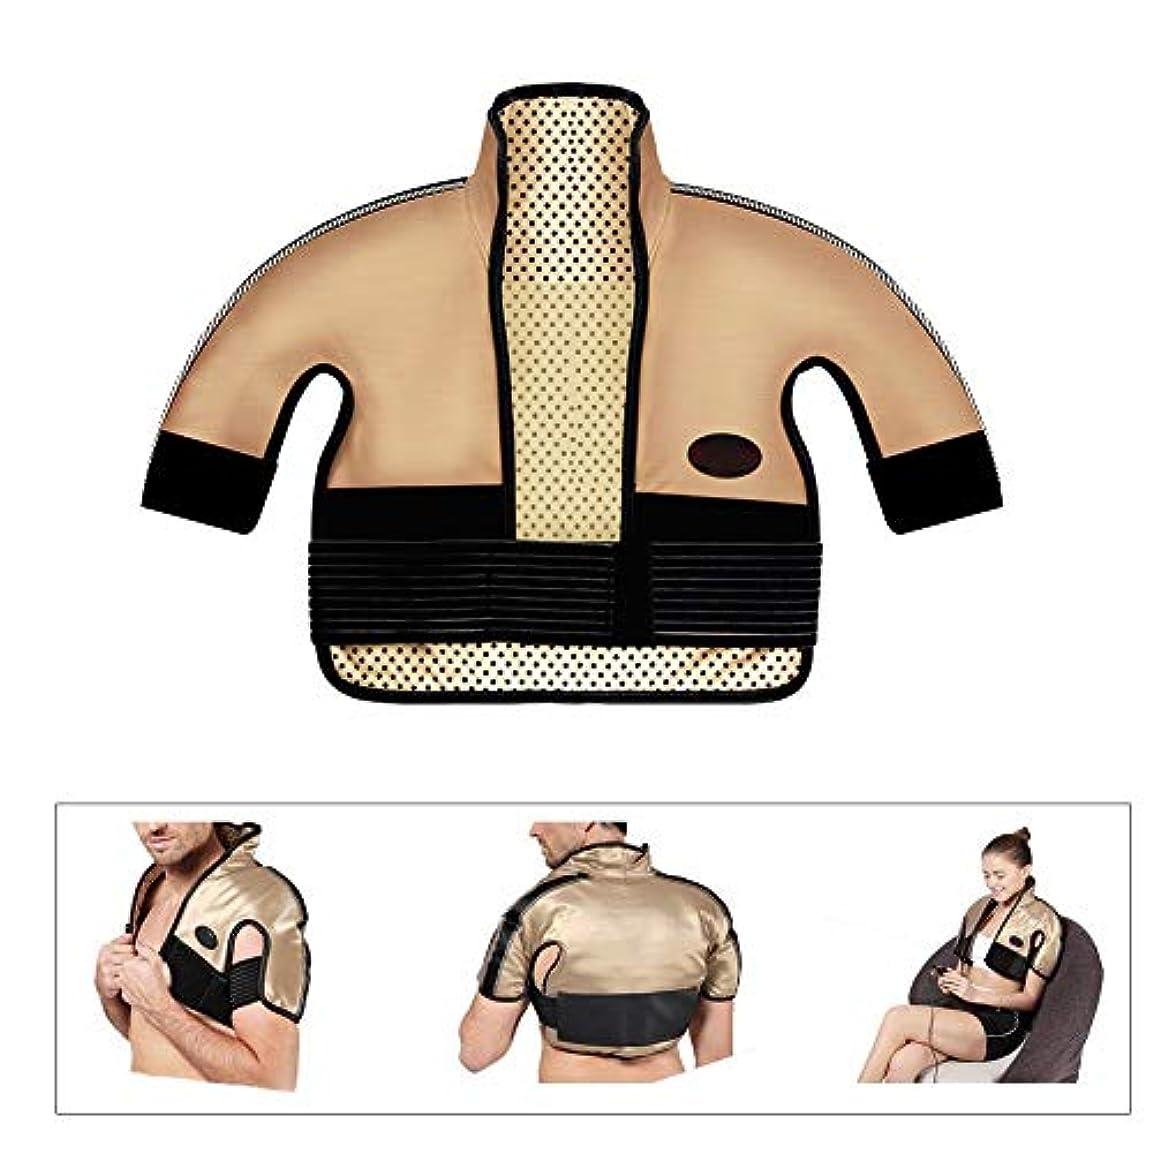 ツーリストアボート飽和する肩と首の電気加熱パッド - 混練加熱、痛み緩和加熱パッドを叩く、医療用品マッサージベスト(肩幅用:40-65CM)